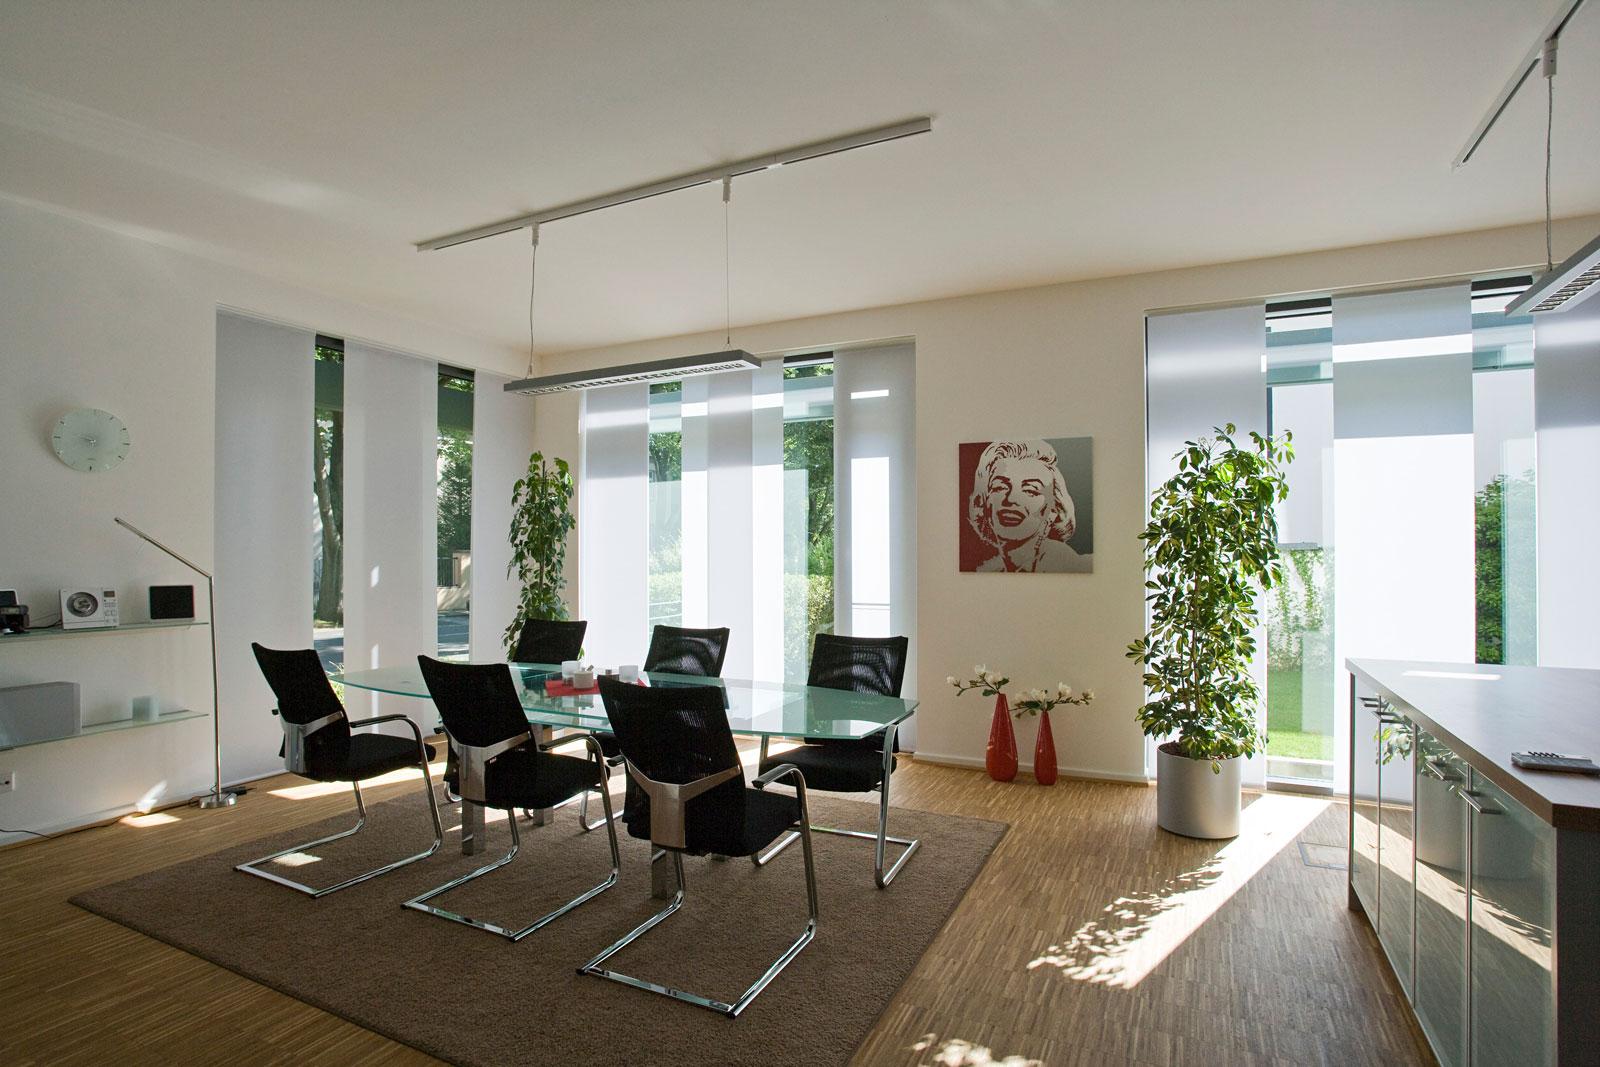 Hochwertiger Sonnenschutz, Sichtschutz und Lichtschutz - Lamellenvorhang - Senkrechtlamellen - Flächenvorhänge Weiß bodenlang - Dr. Haller + Co. - Selastore®